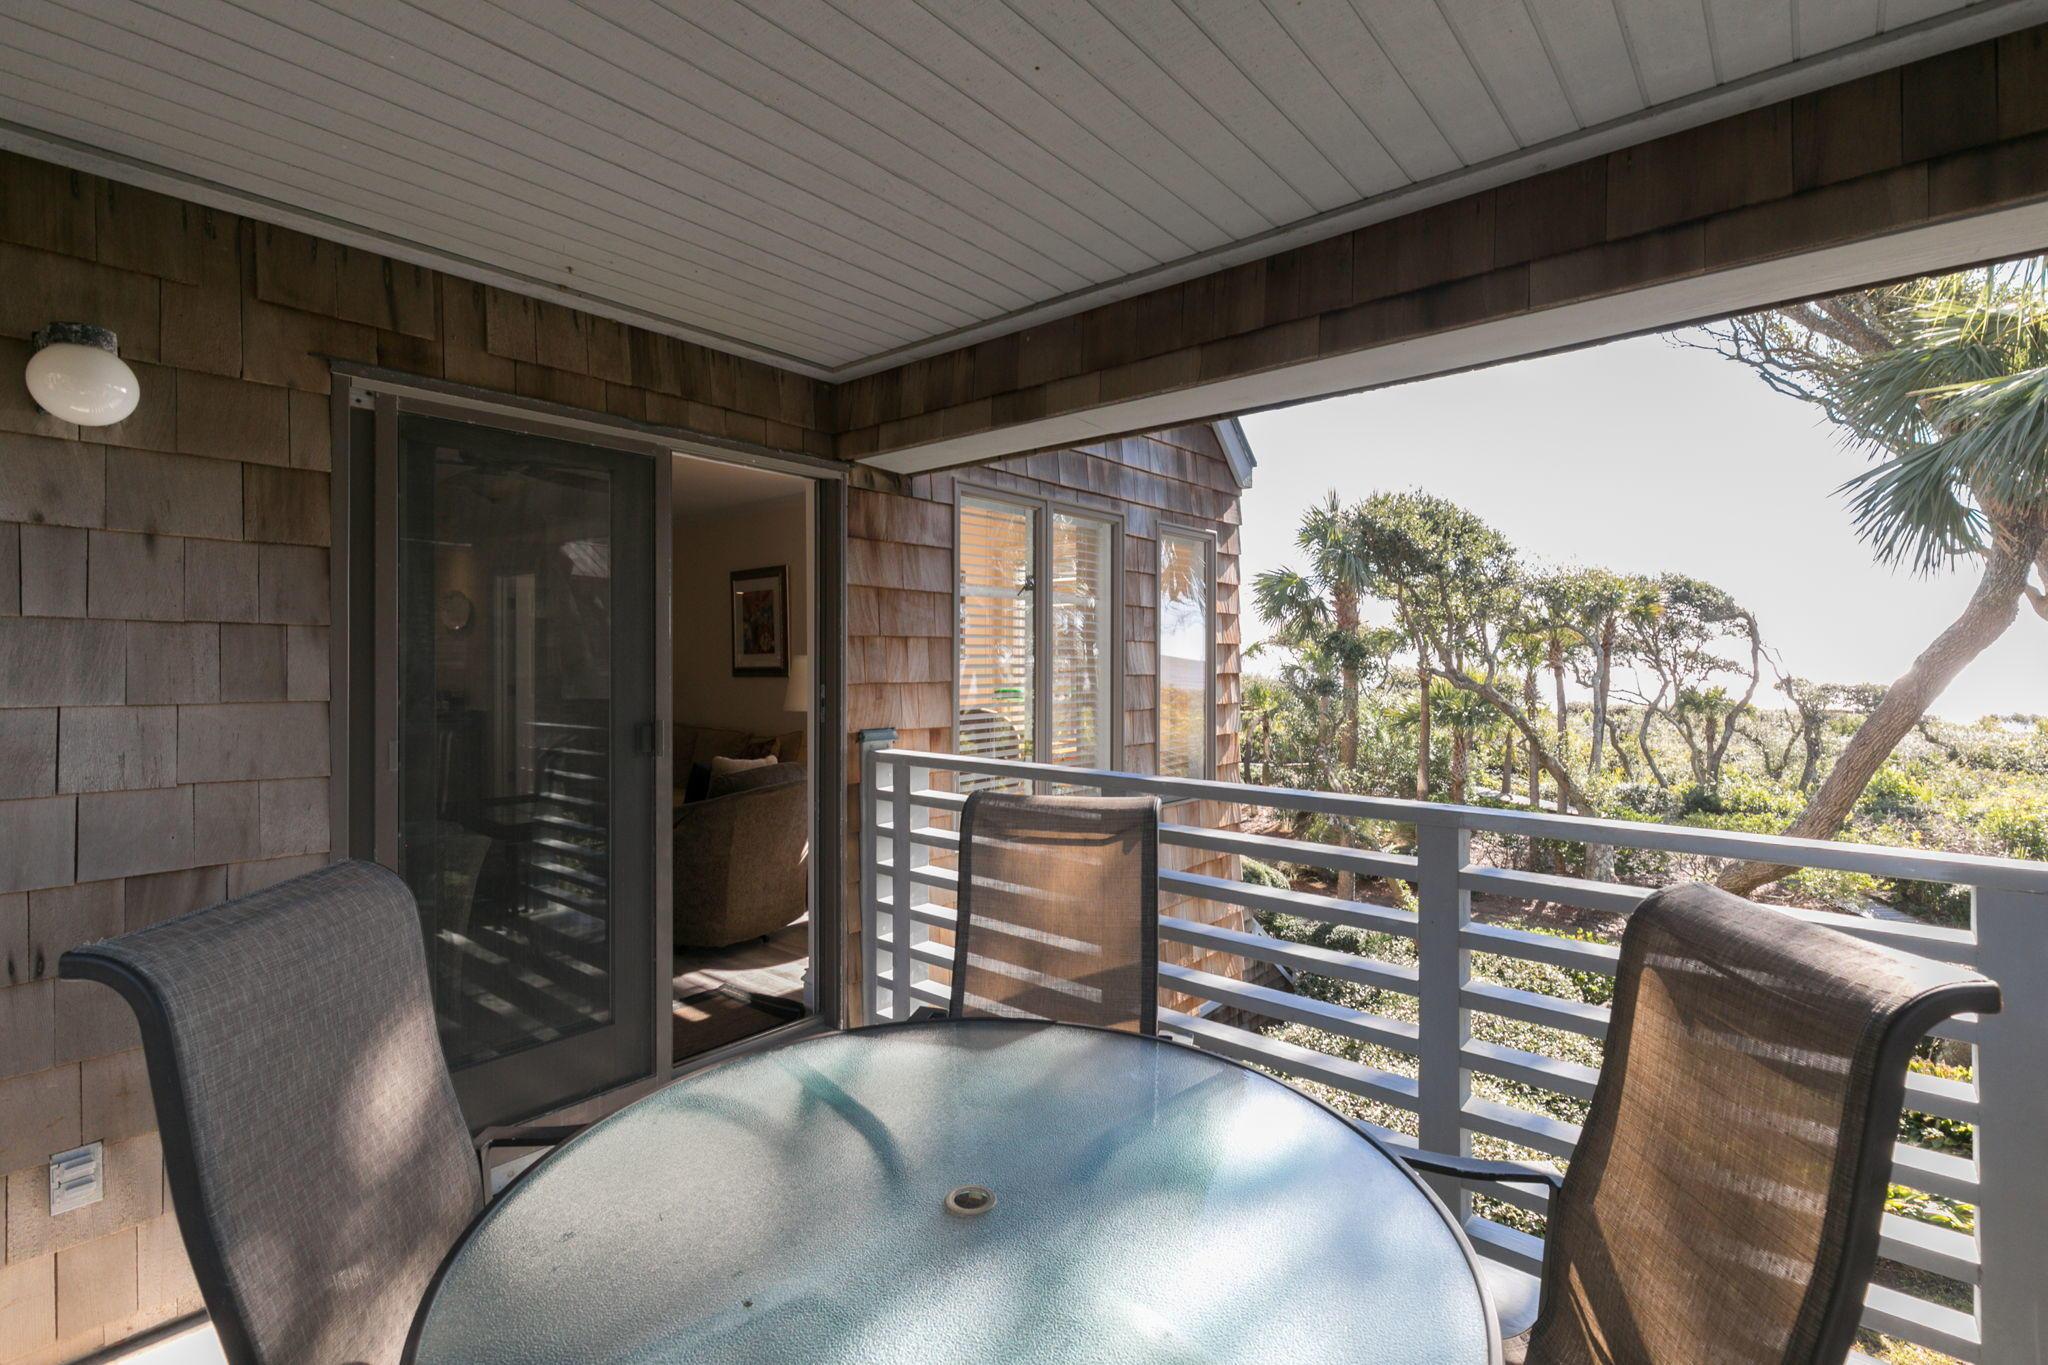 Kiawah Island Homes For Sale - 4416 Sea Forest, Kiawah Island, SC - 24